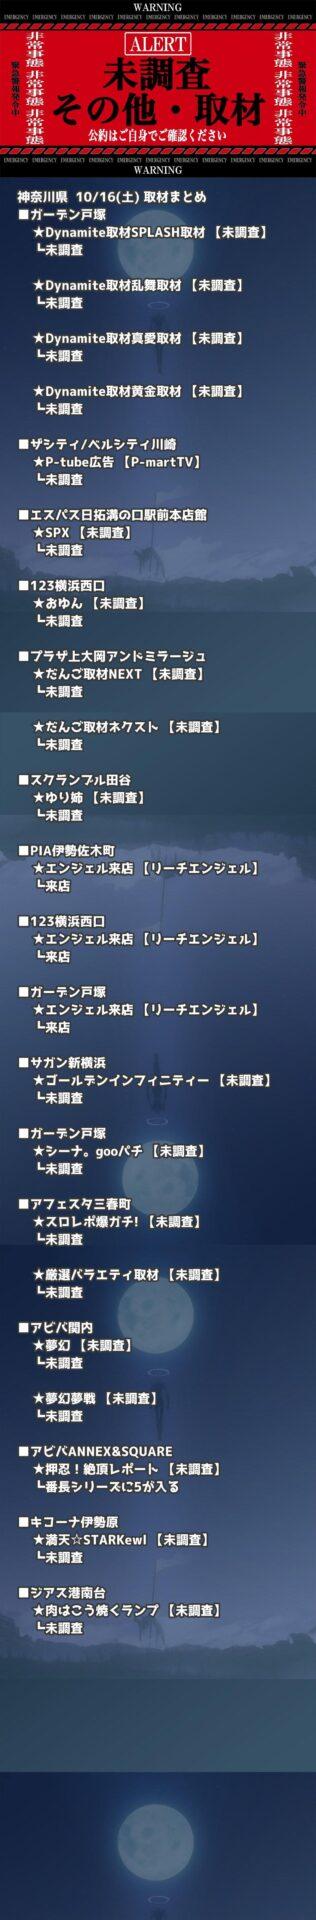 神奈川県_2021-10-16_未調査_パチンコ・パチスロ